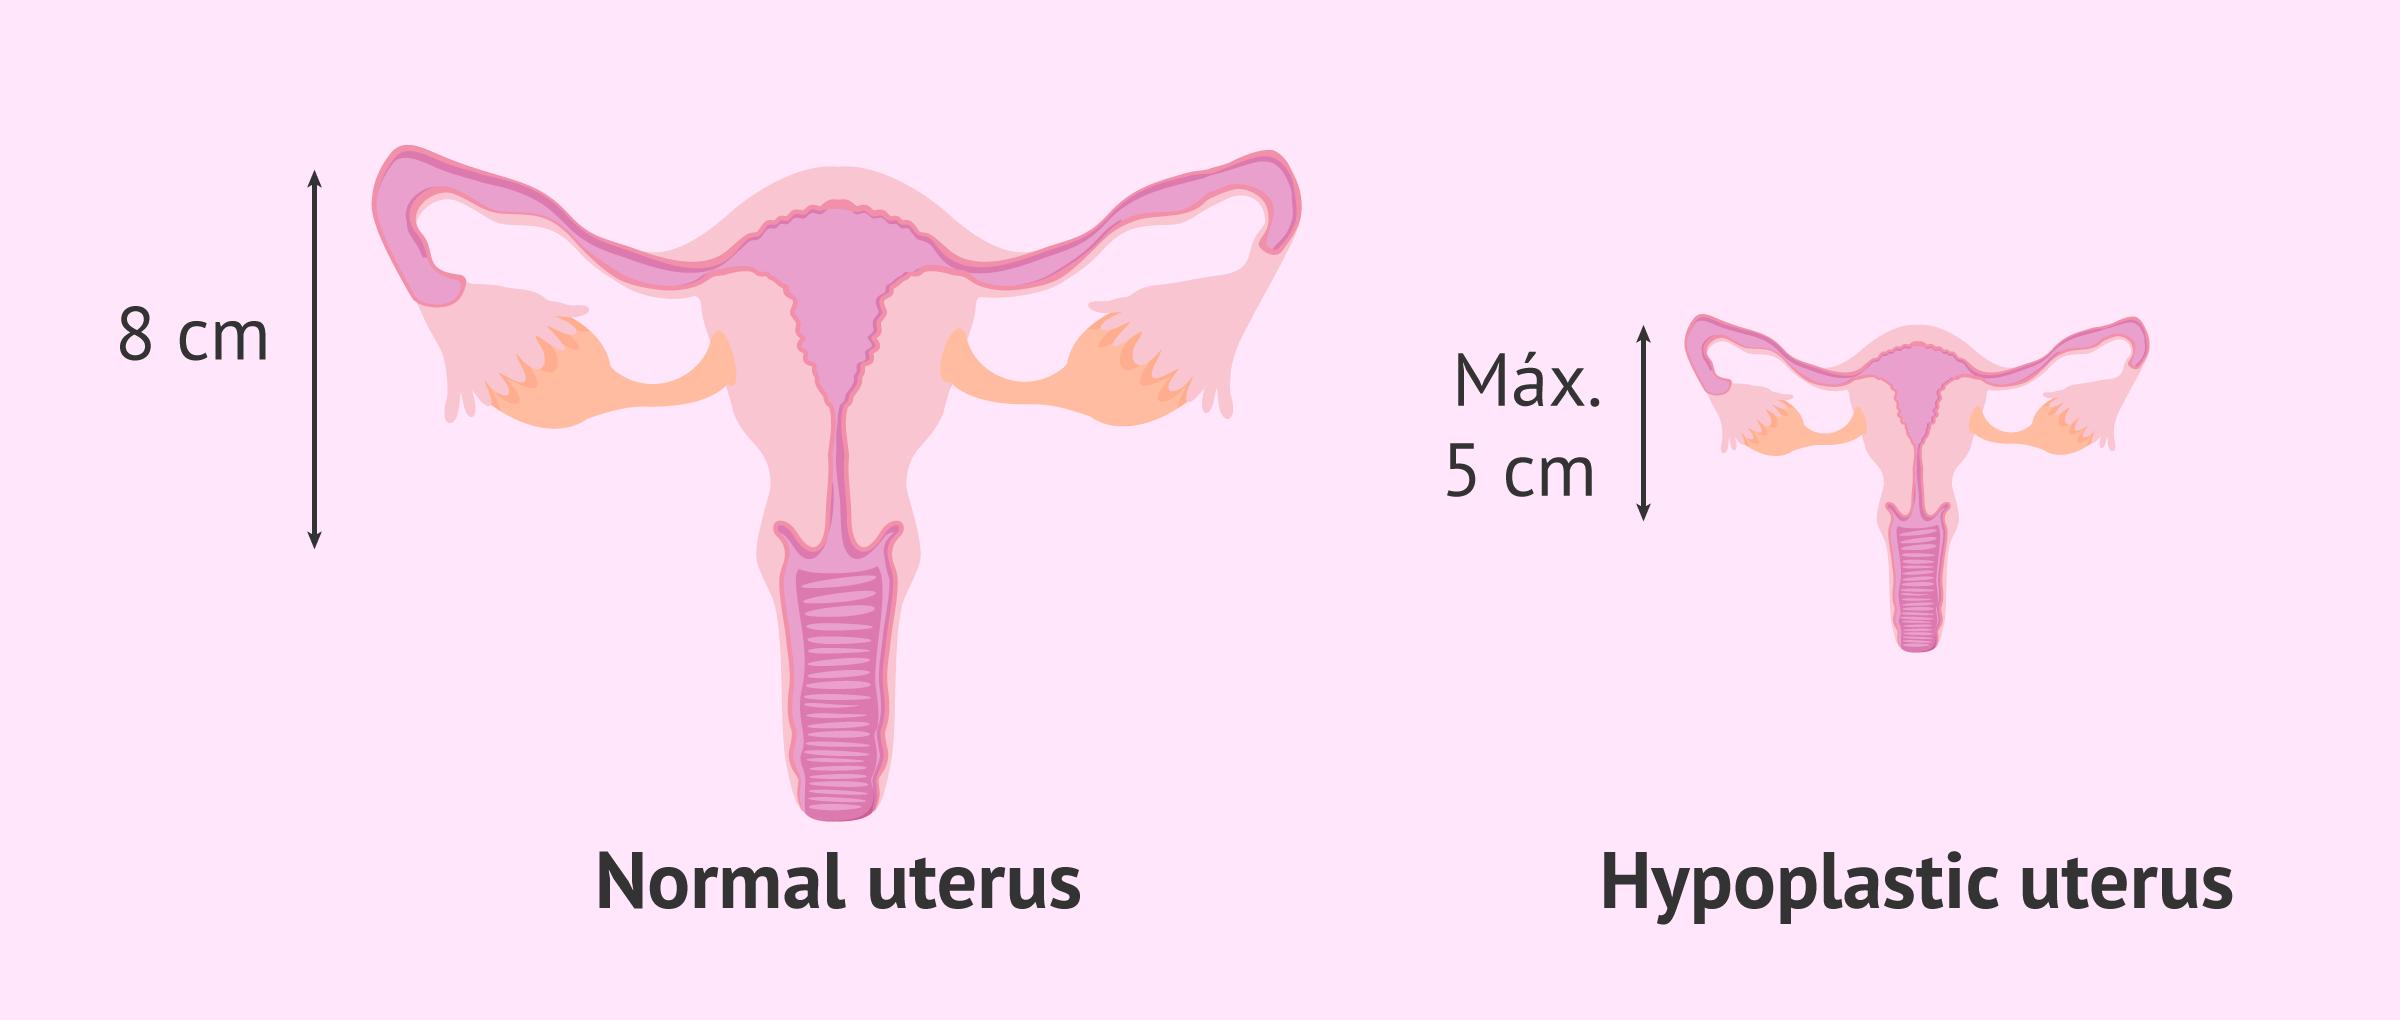 The hypoplastic uterus